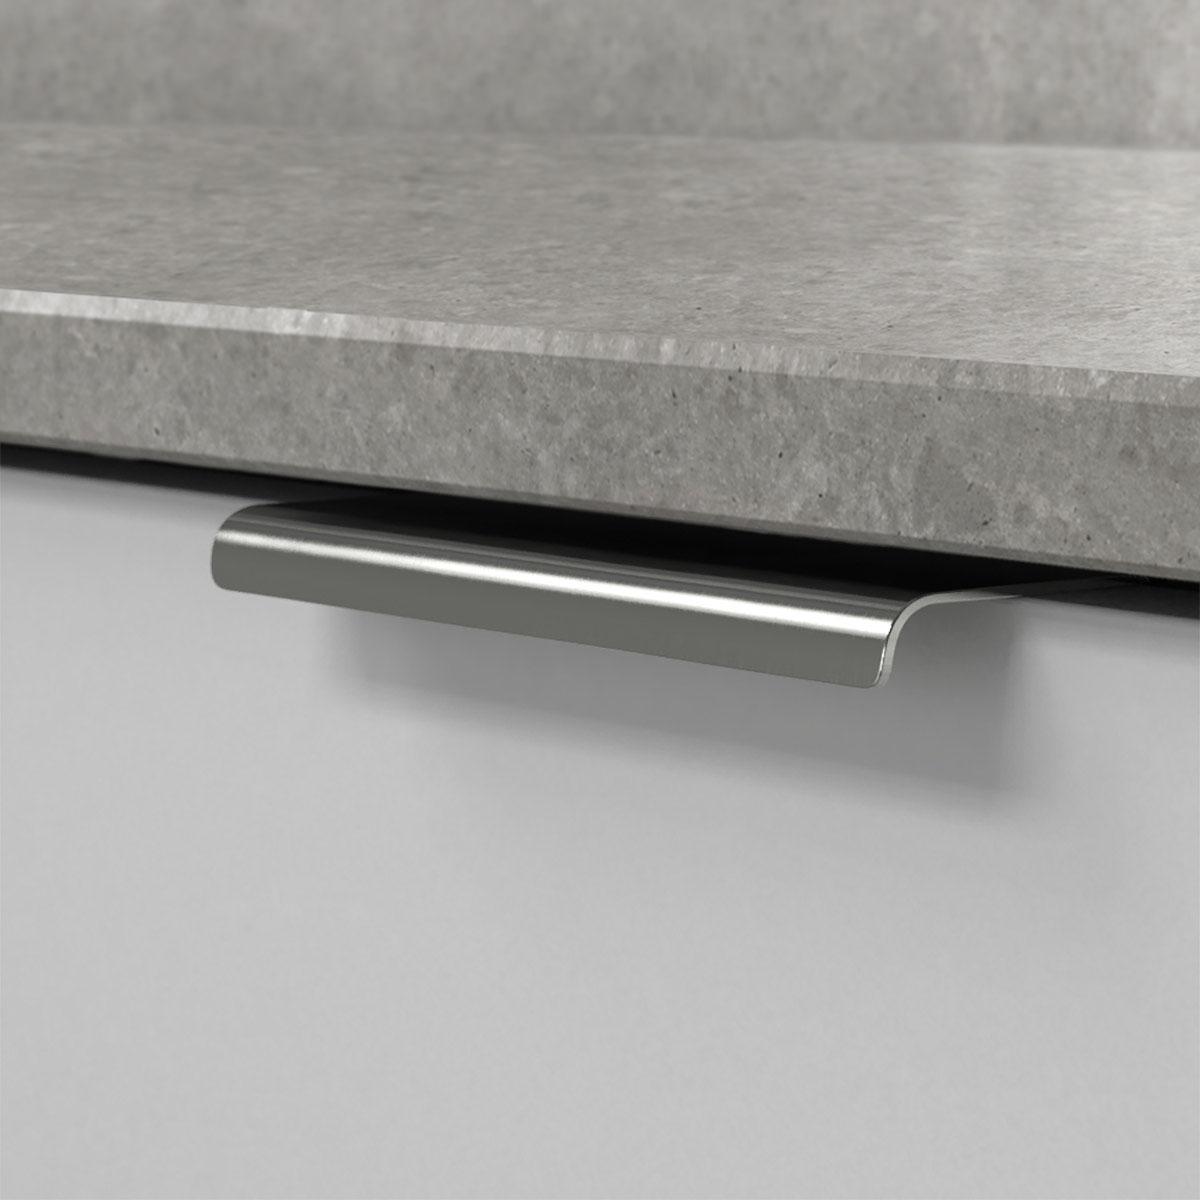 Profilhandtag lip krom 343457 11 120 mm ncs s 3000 n marmor carrara